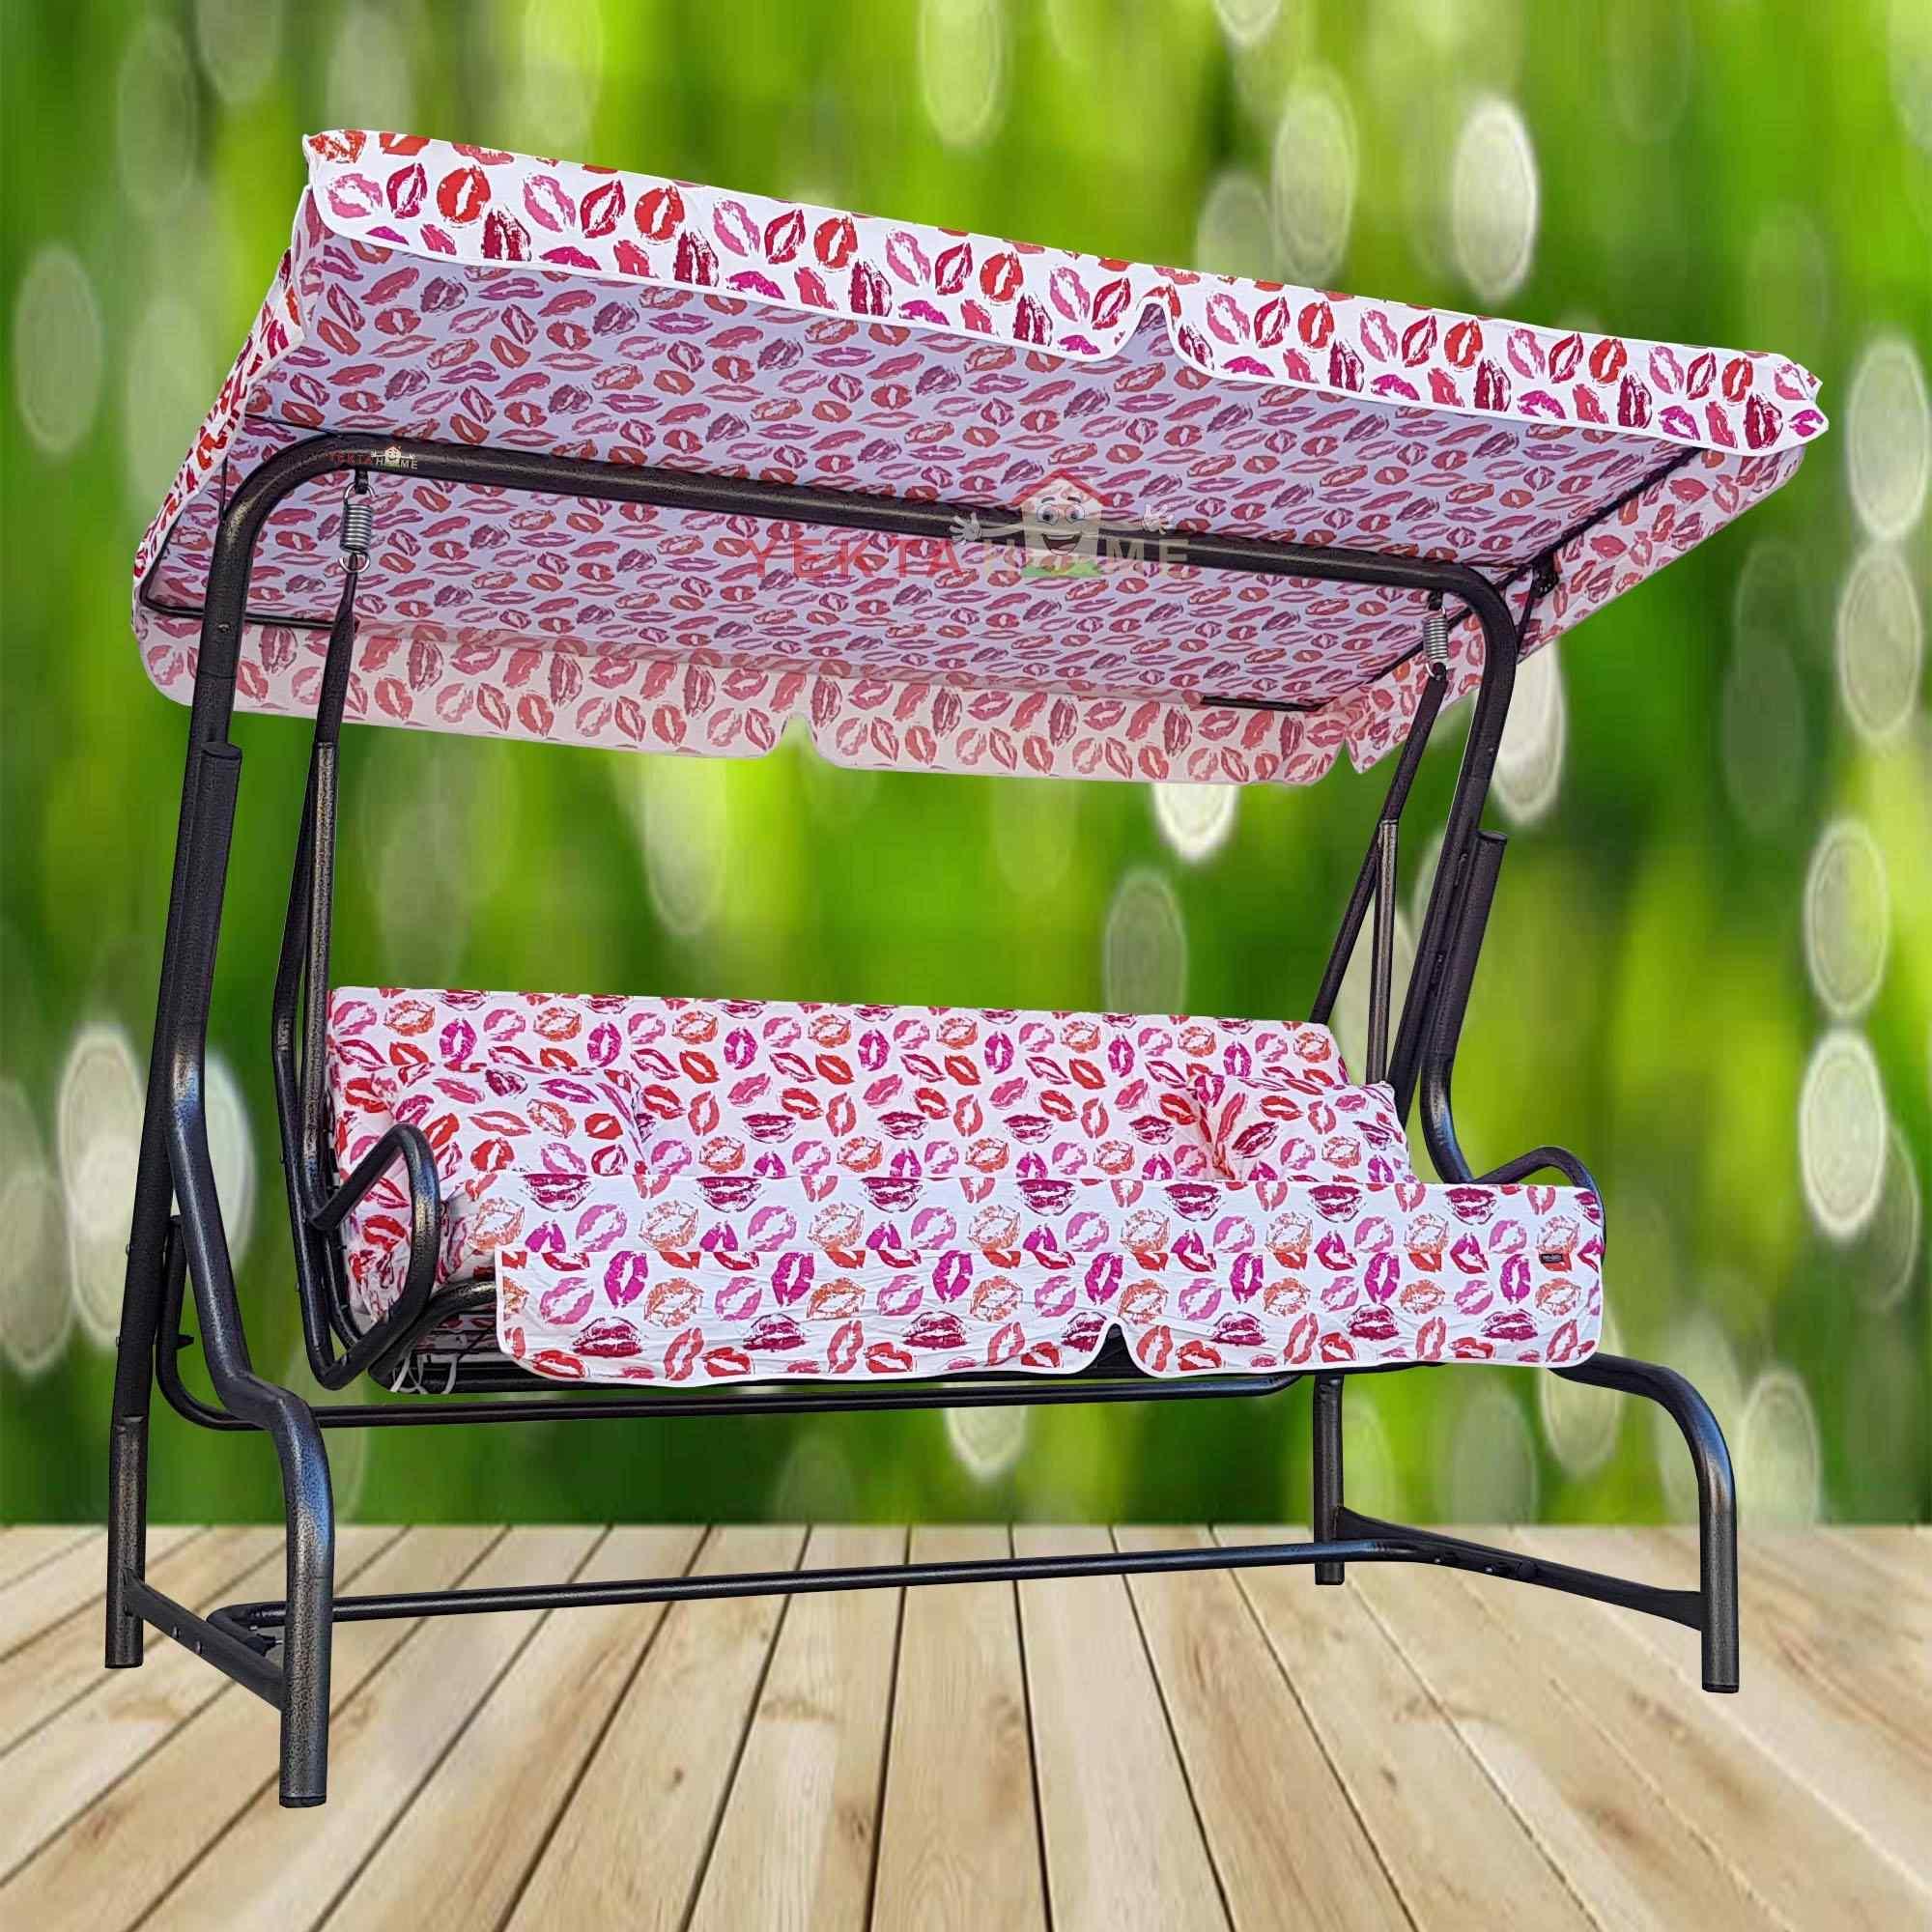 Yekta Buse 3 Kişilik Bahçe Salıncağı Balkon Teras Salıncak 200 cm